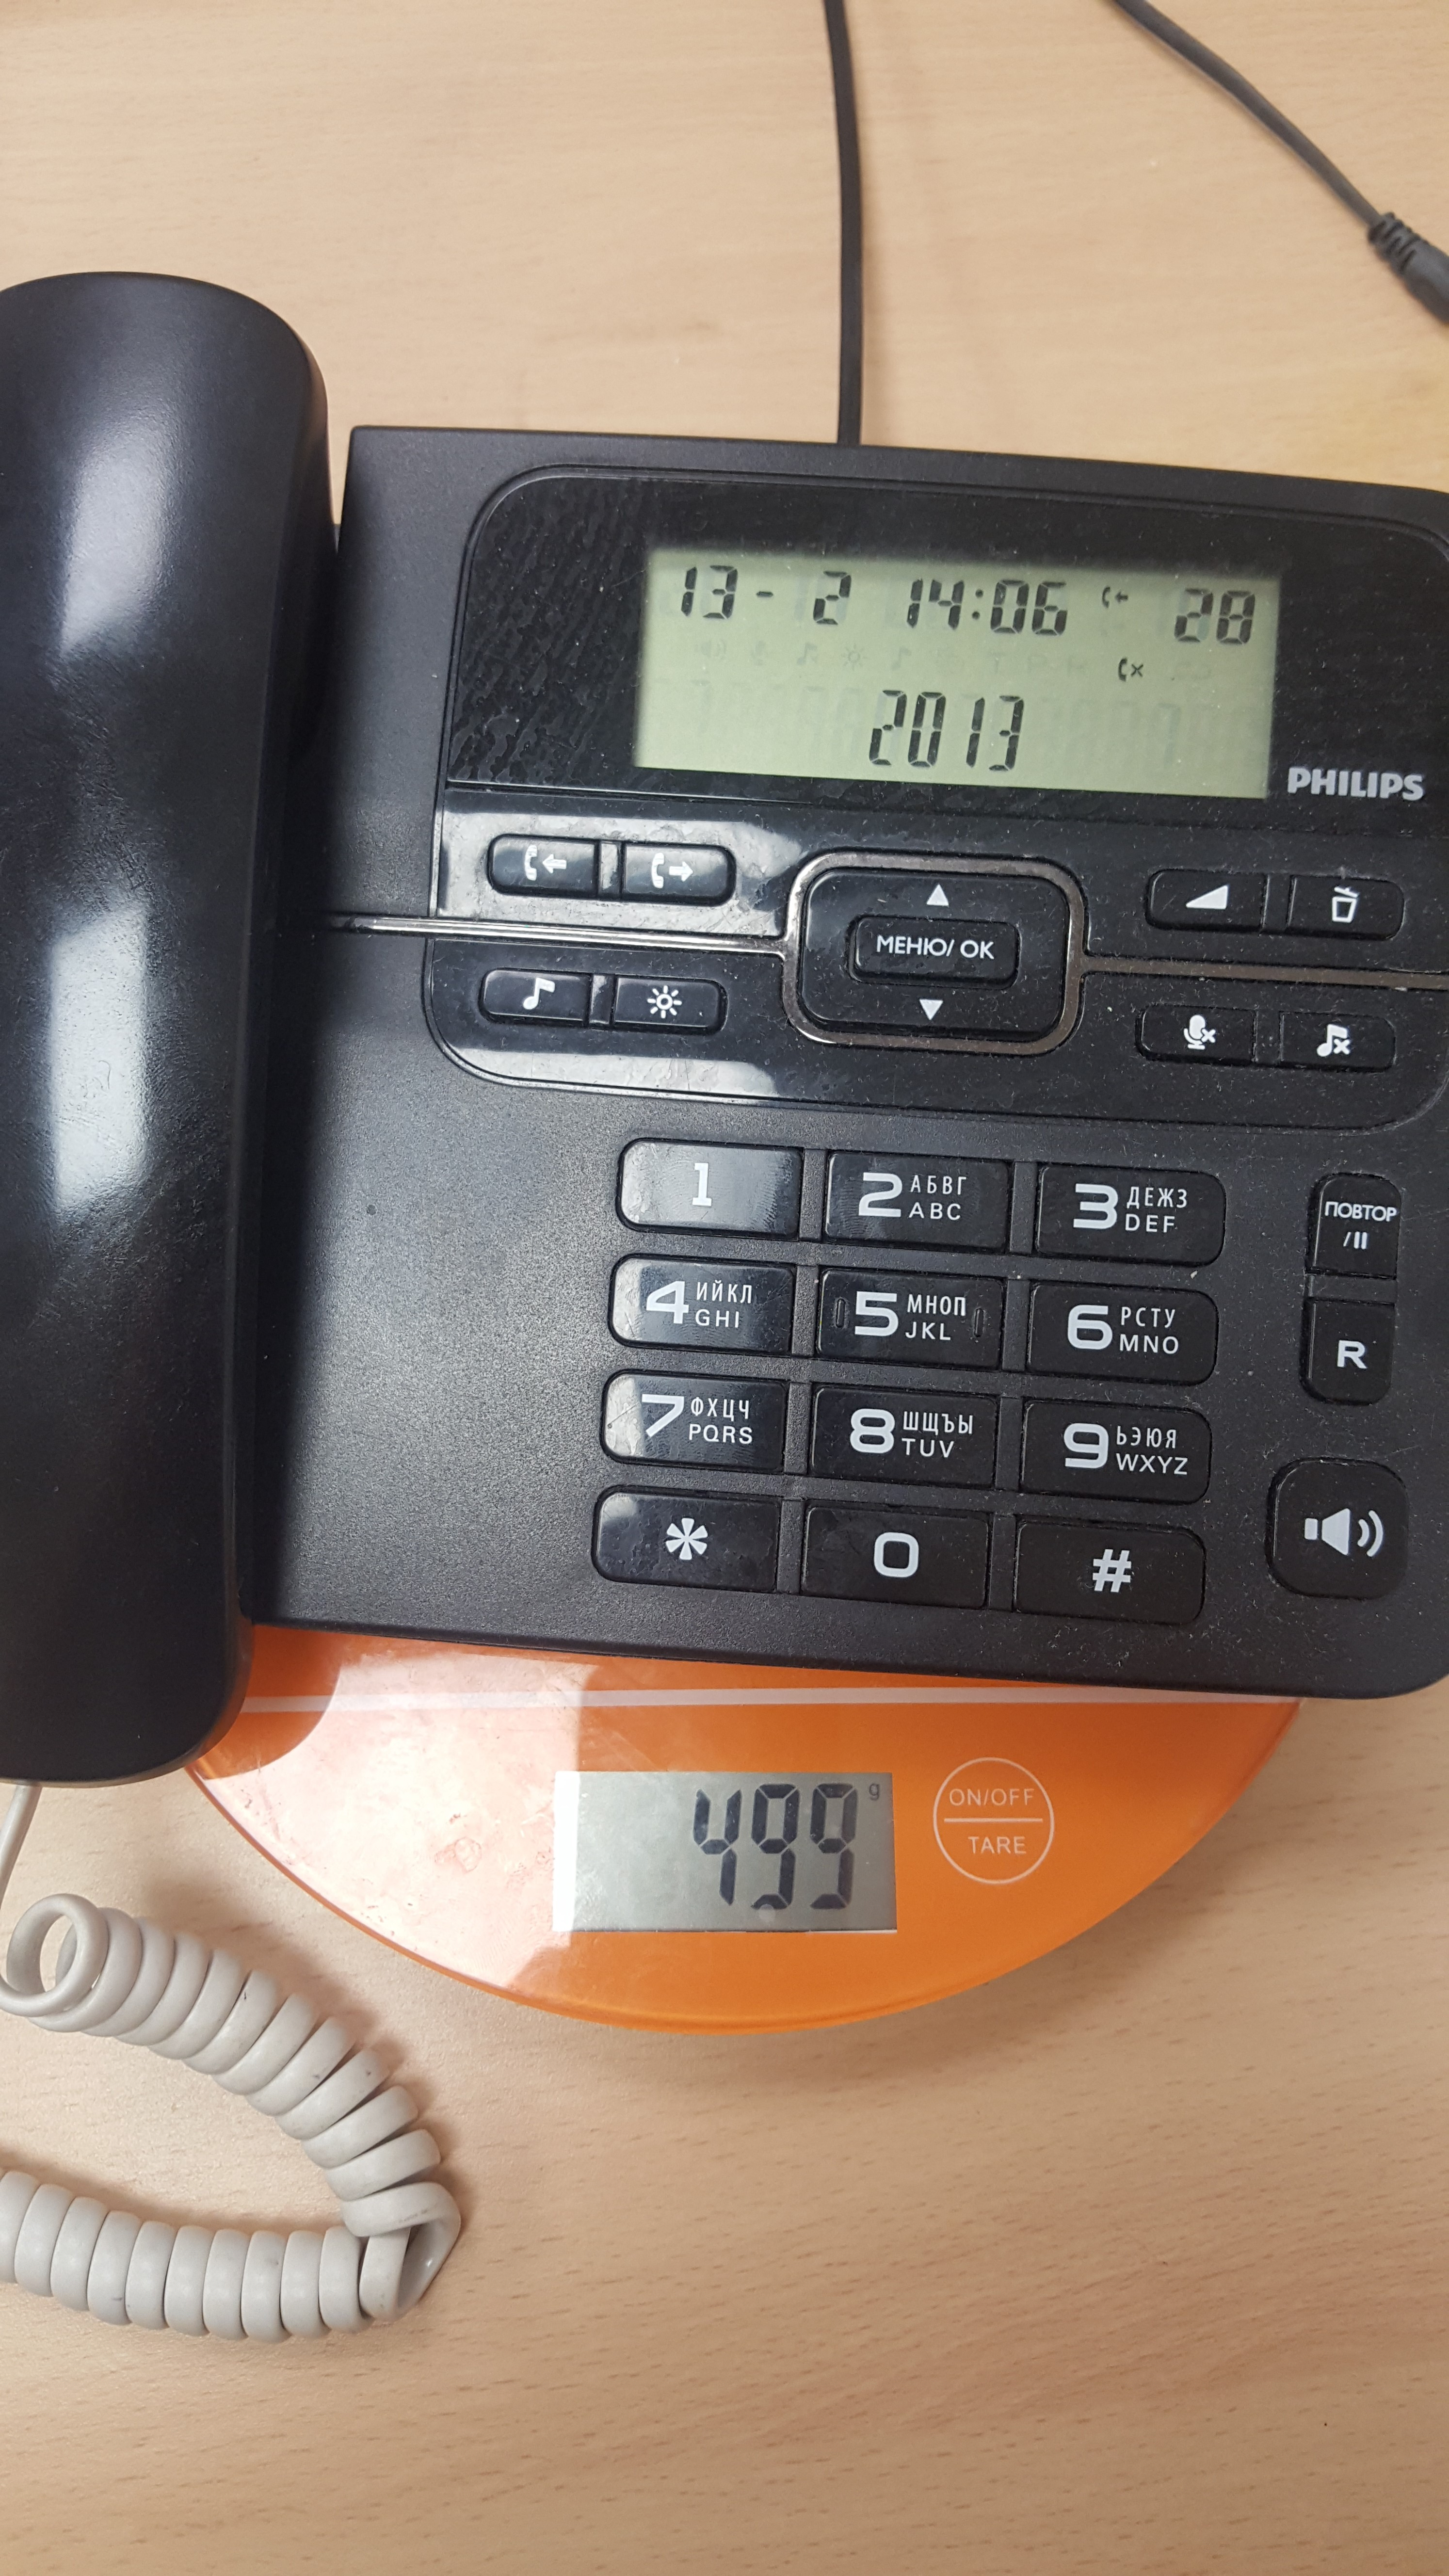 вес стационарного телефона